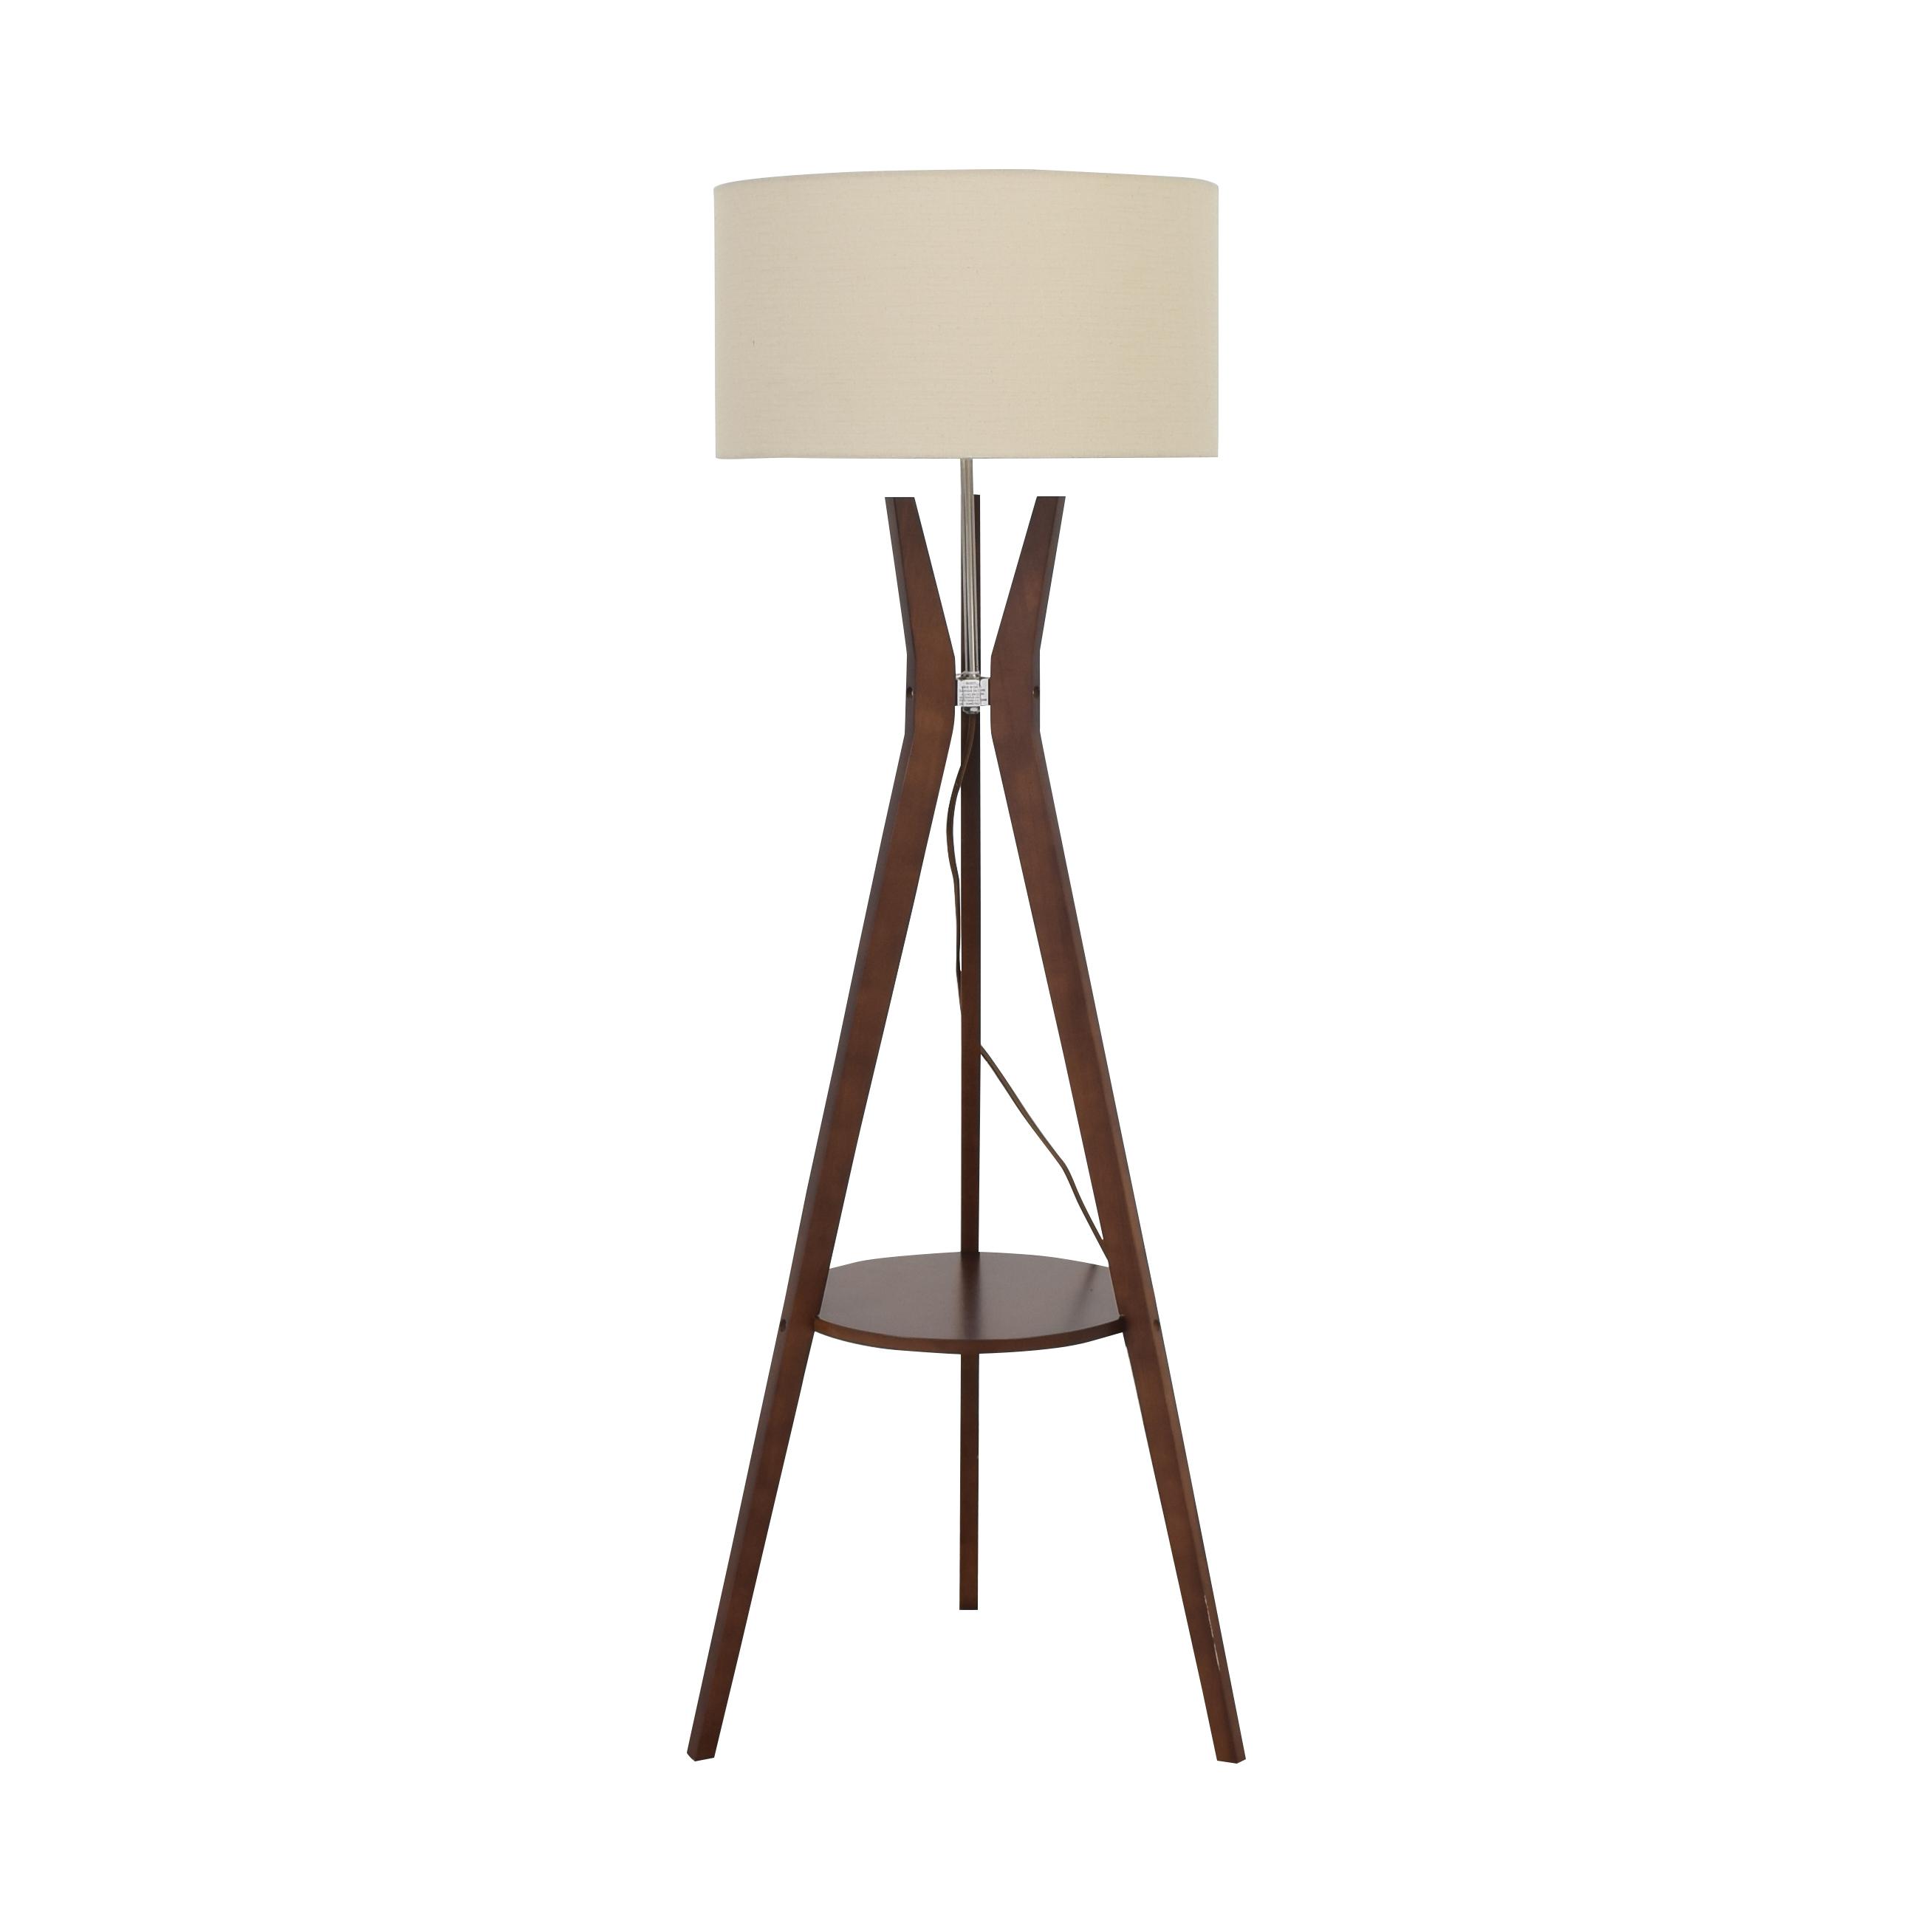 shop Adesso Adesso Bedford Tripod Lamp online